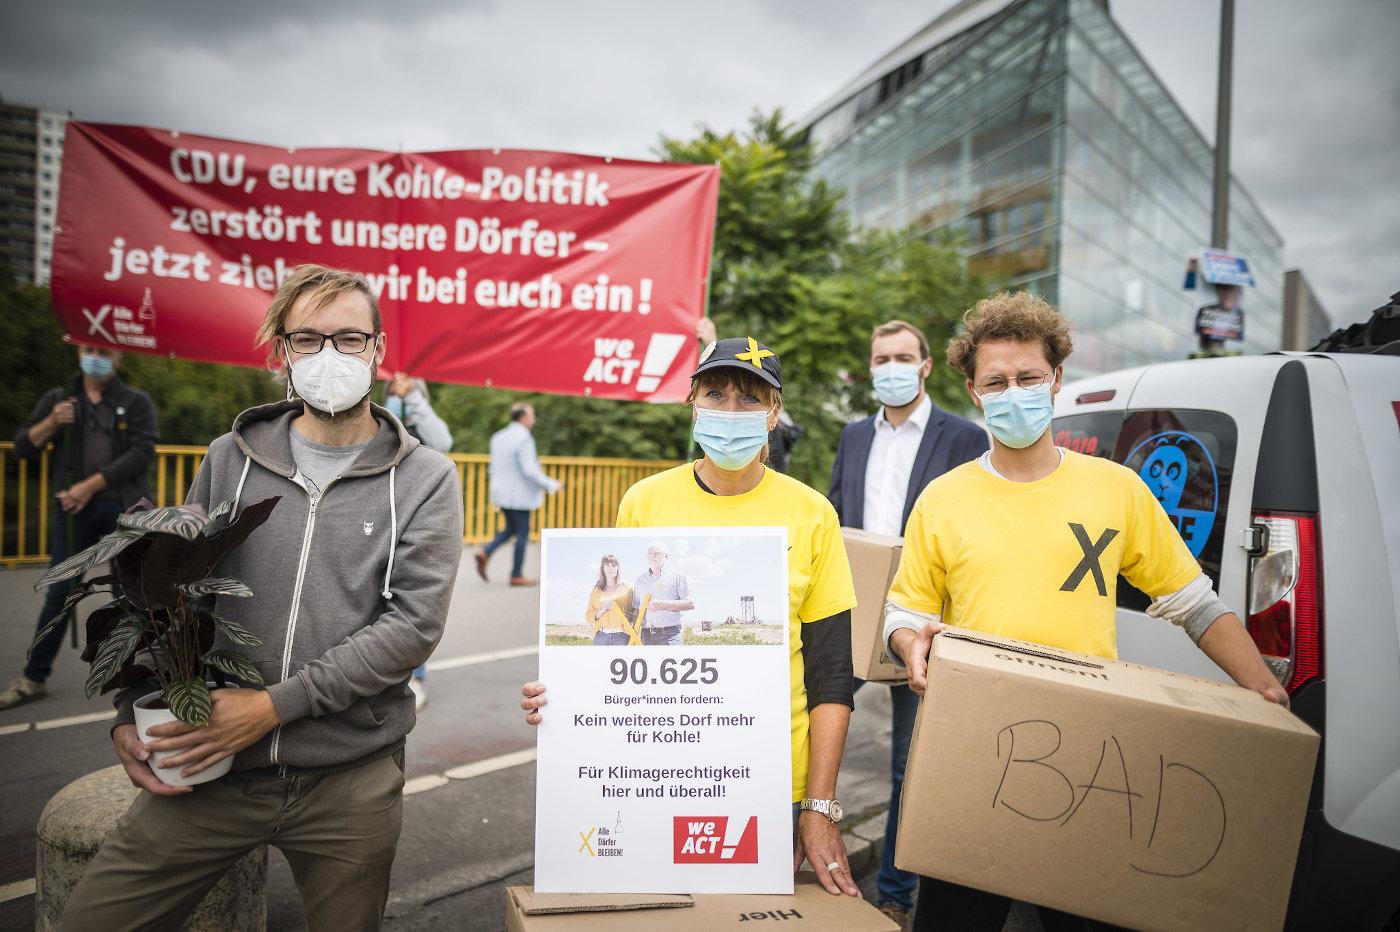 """Marita Dresen und die Initiative """"Alle Dörfer bleiben"""" protestieren vor dem Konrad-Adenauer-Haus in Berlin gegen einen weiteren Braunkohle-Abbau."""